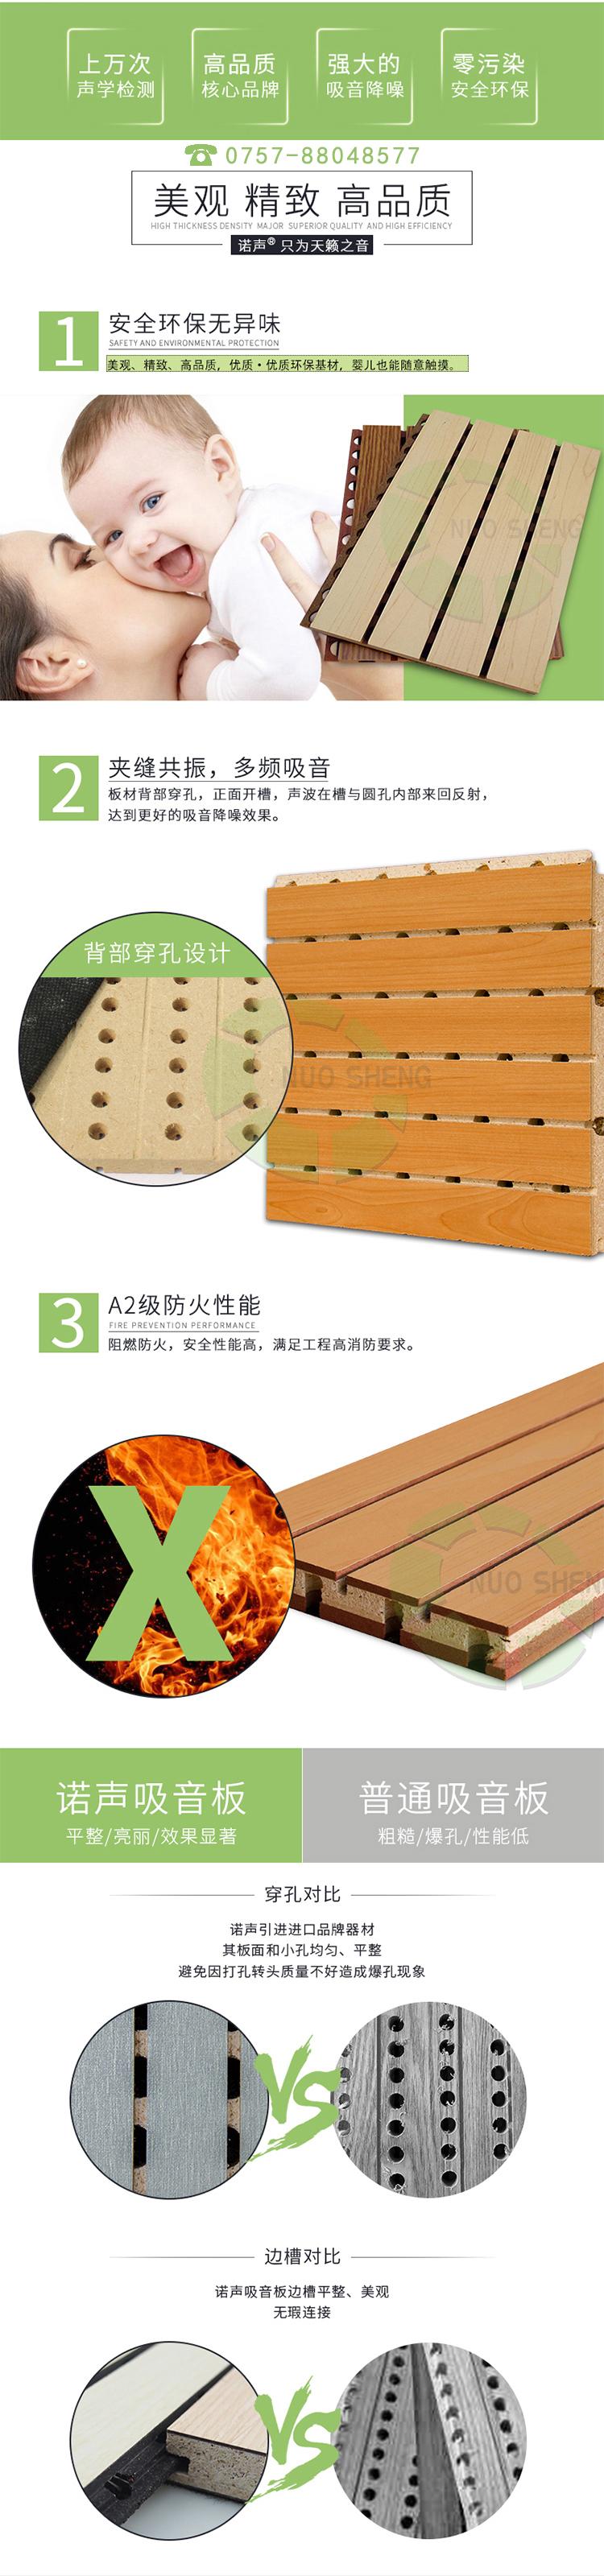 报告厅槽木吸音板产品优势